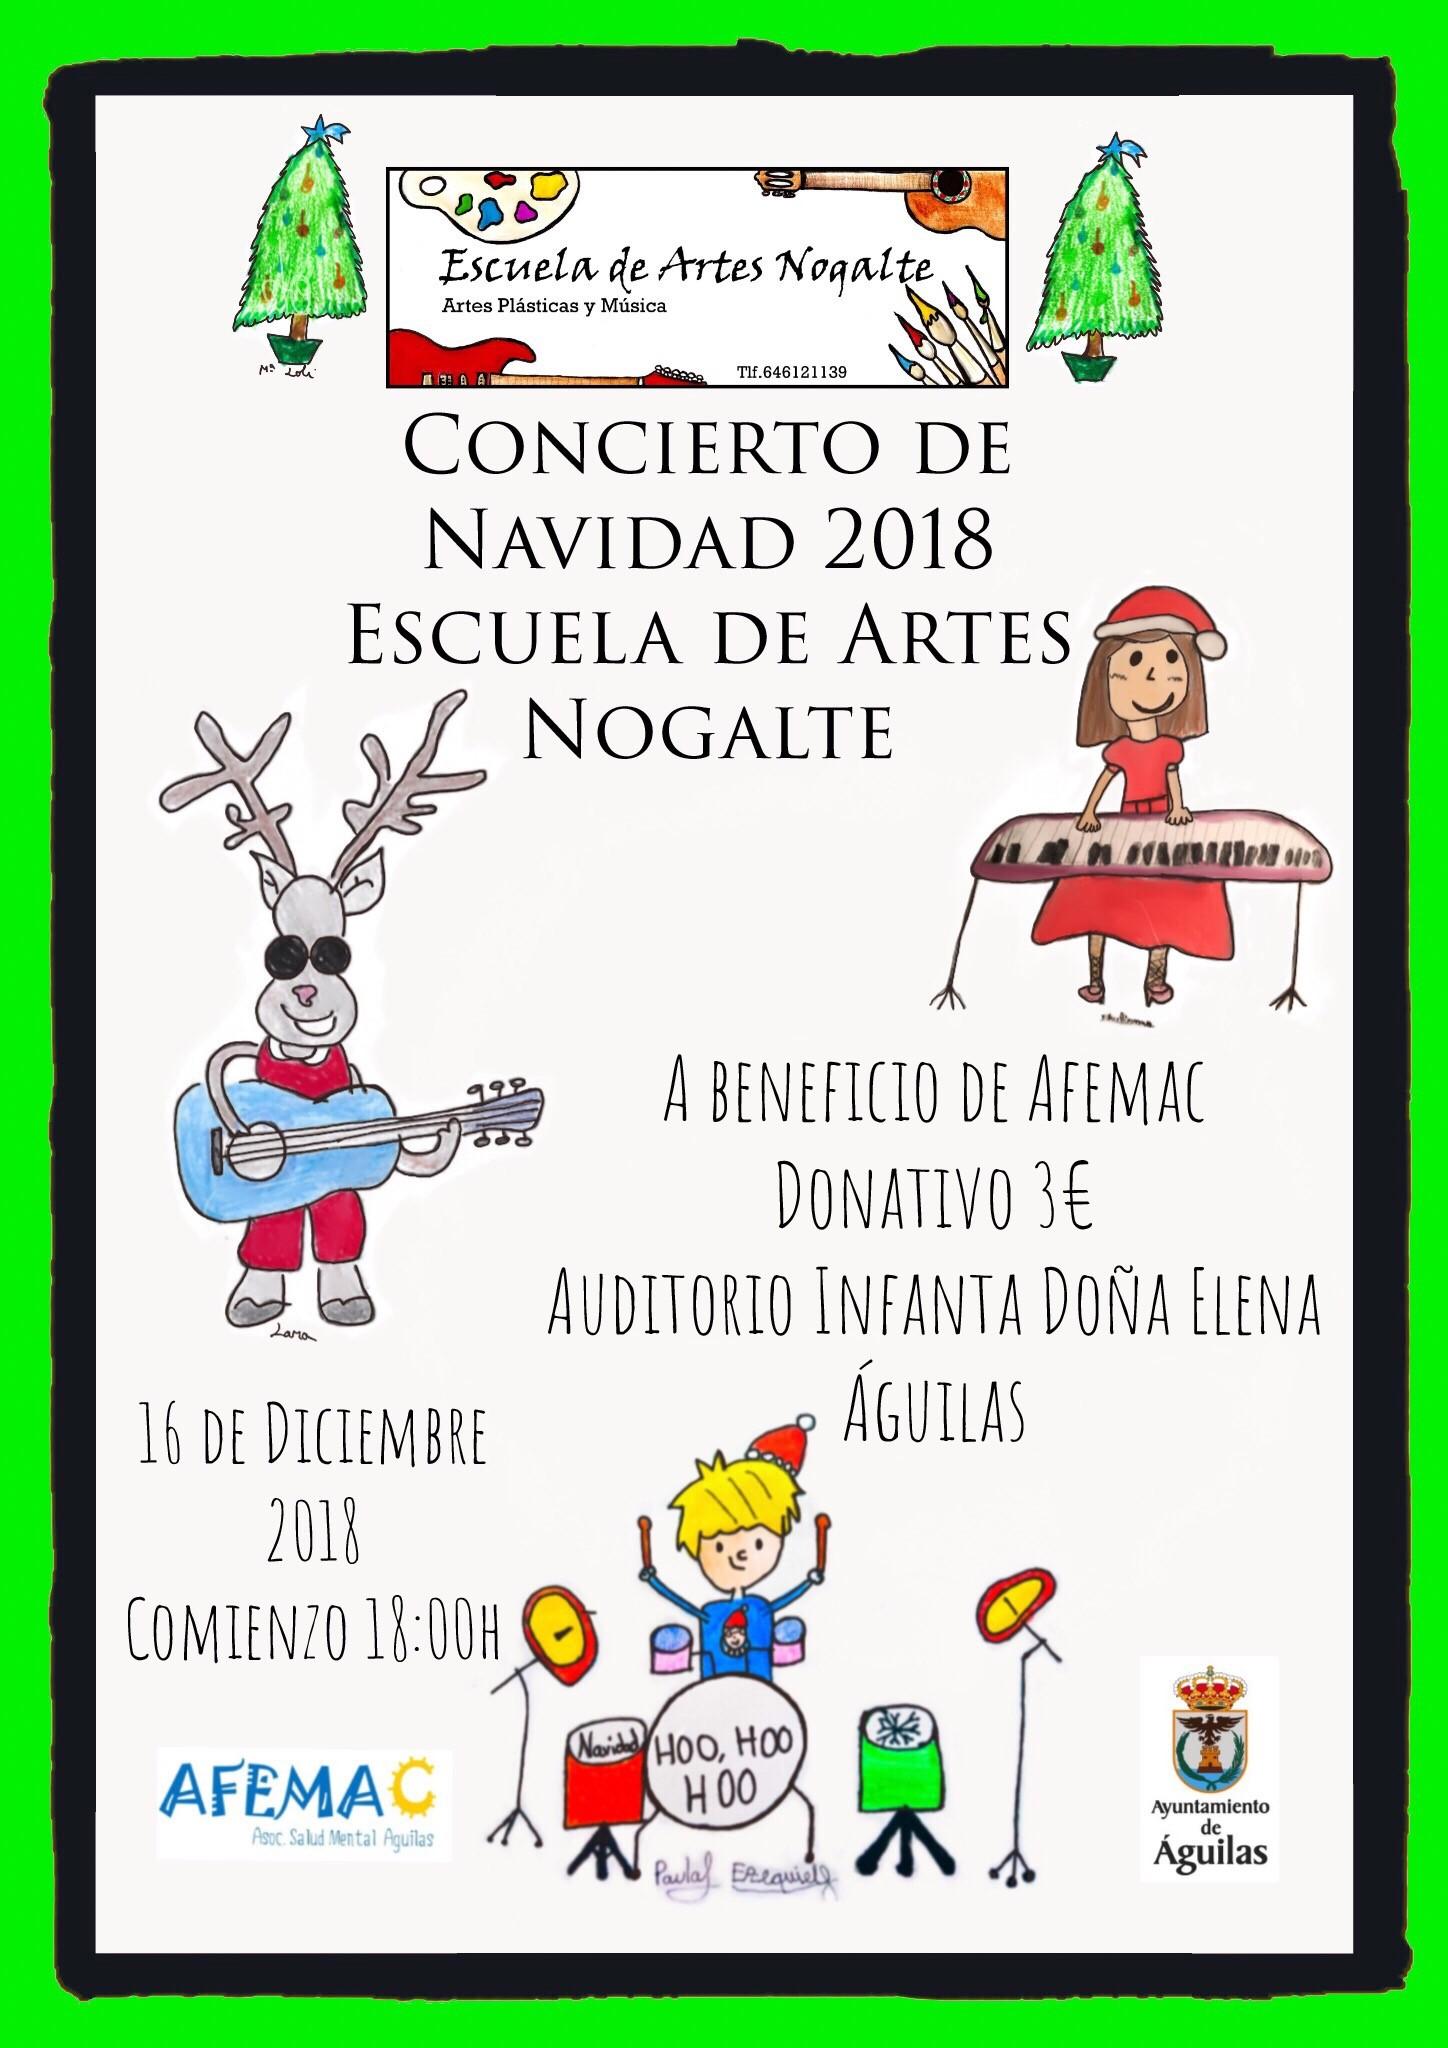 Concierto de Navidad de la Escuela de Artes Nogalte